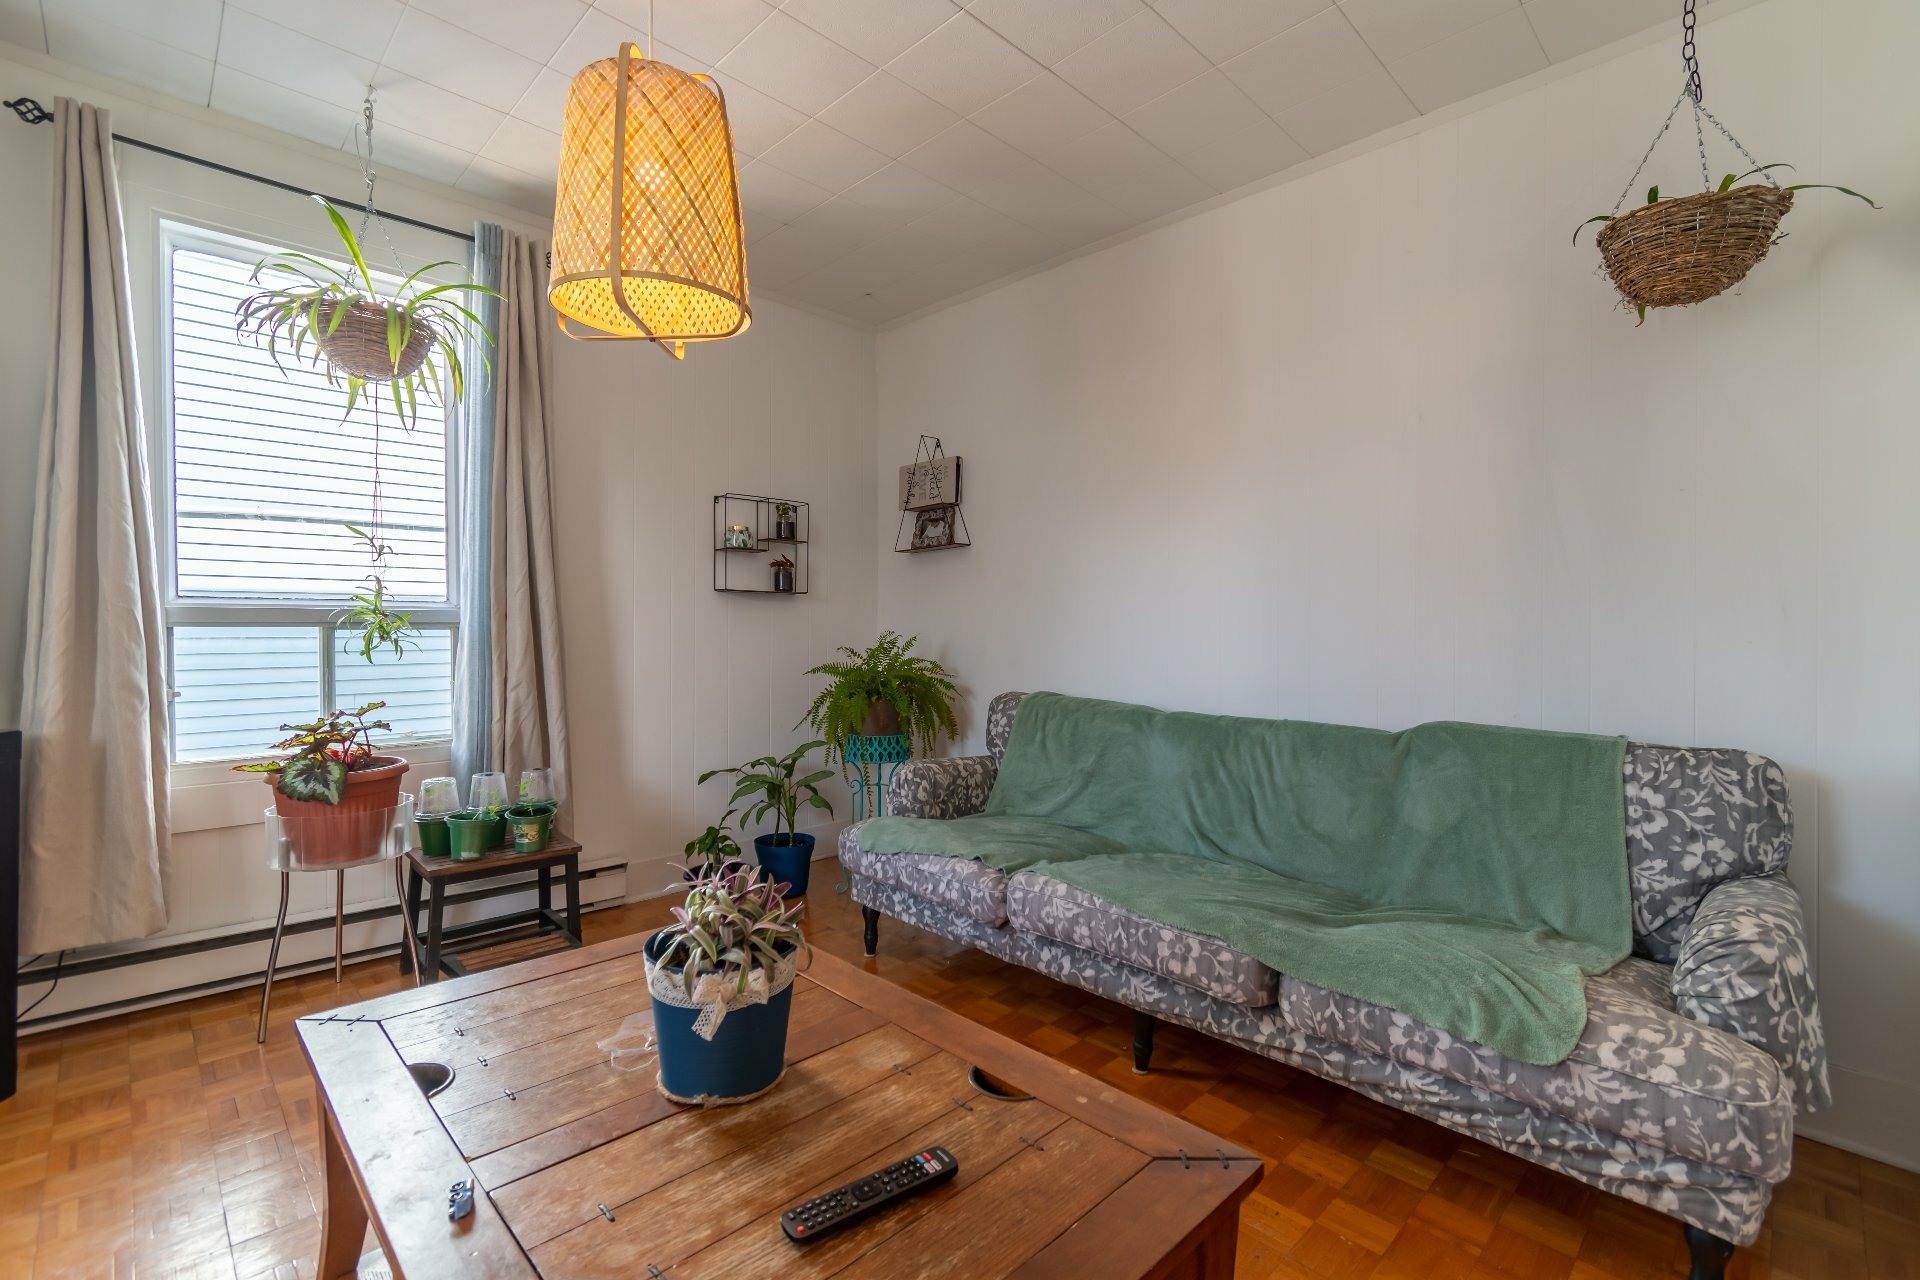 image 22 - Duplex For sale Trois-Rivières - 4 rooms